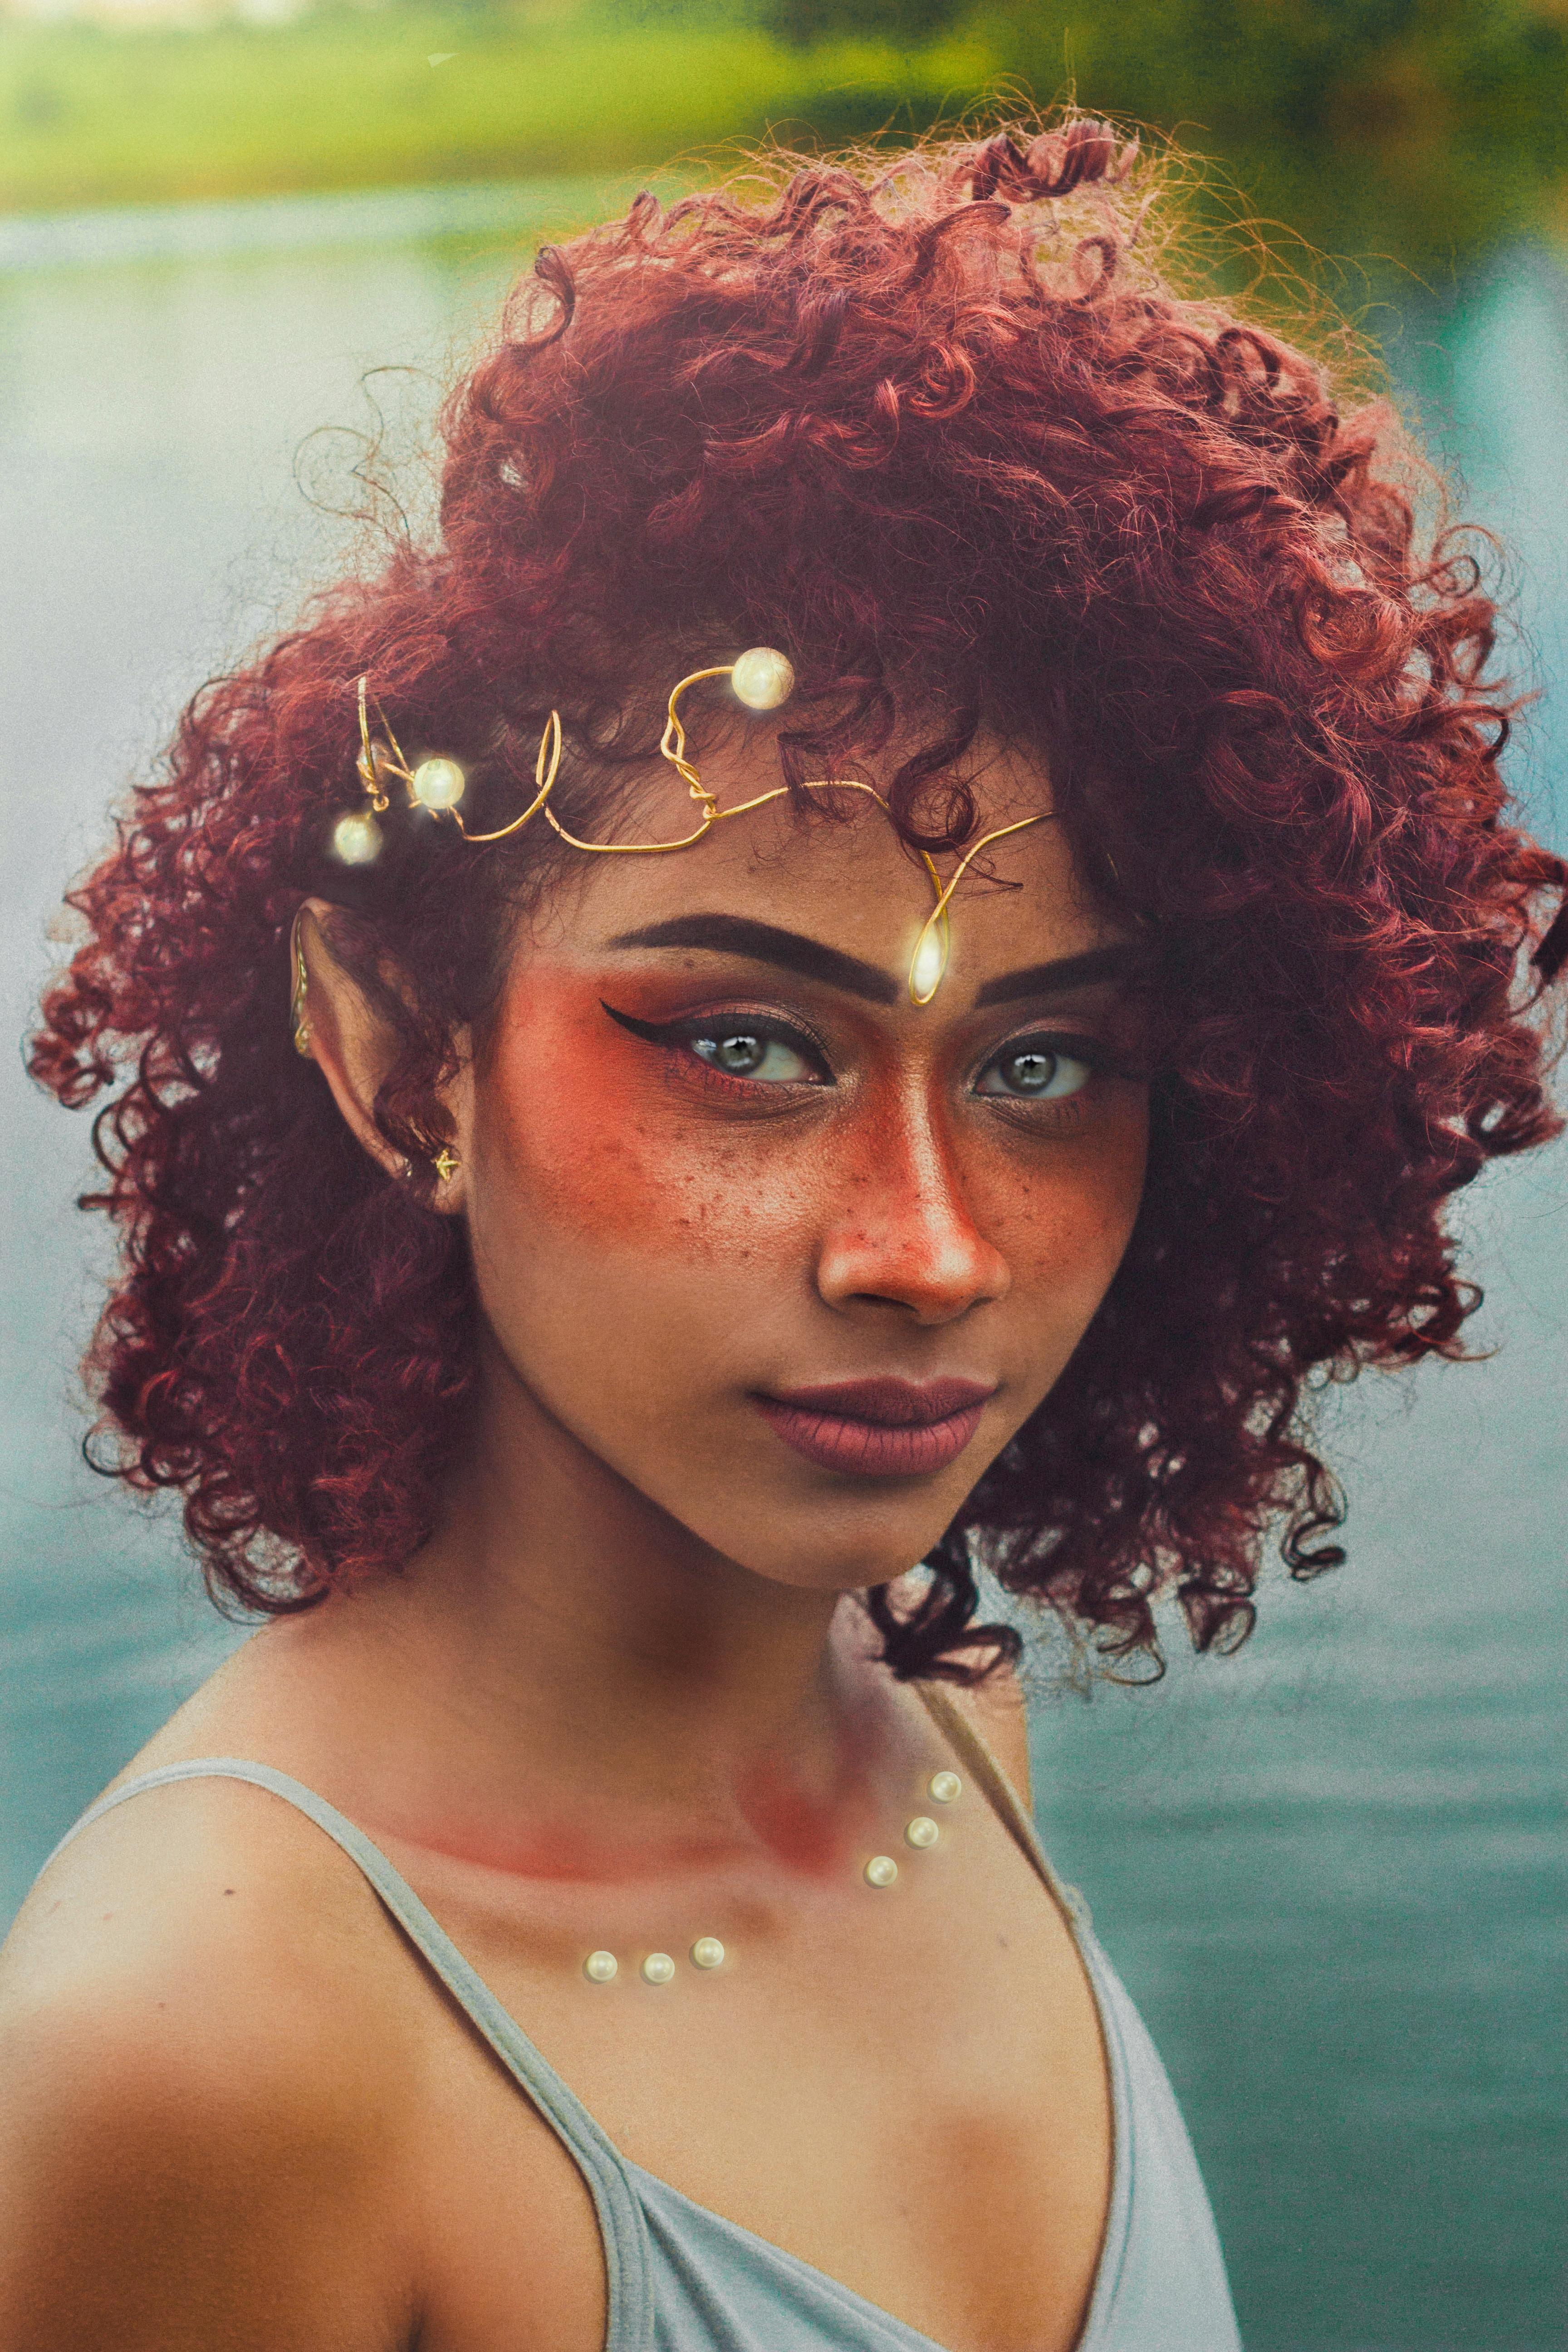 cabelo cacheado vermelho 1 - 5 modelos de cabelo cacheado vermelho para inspirar